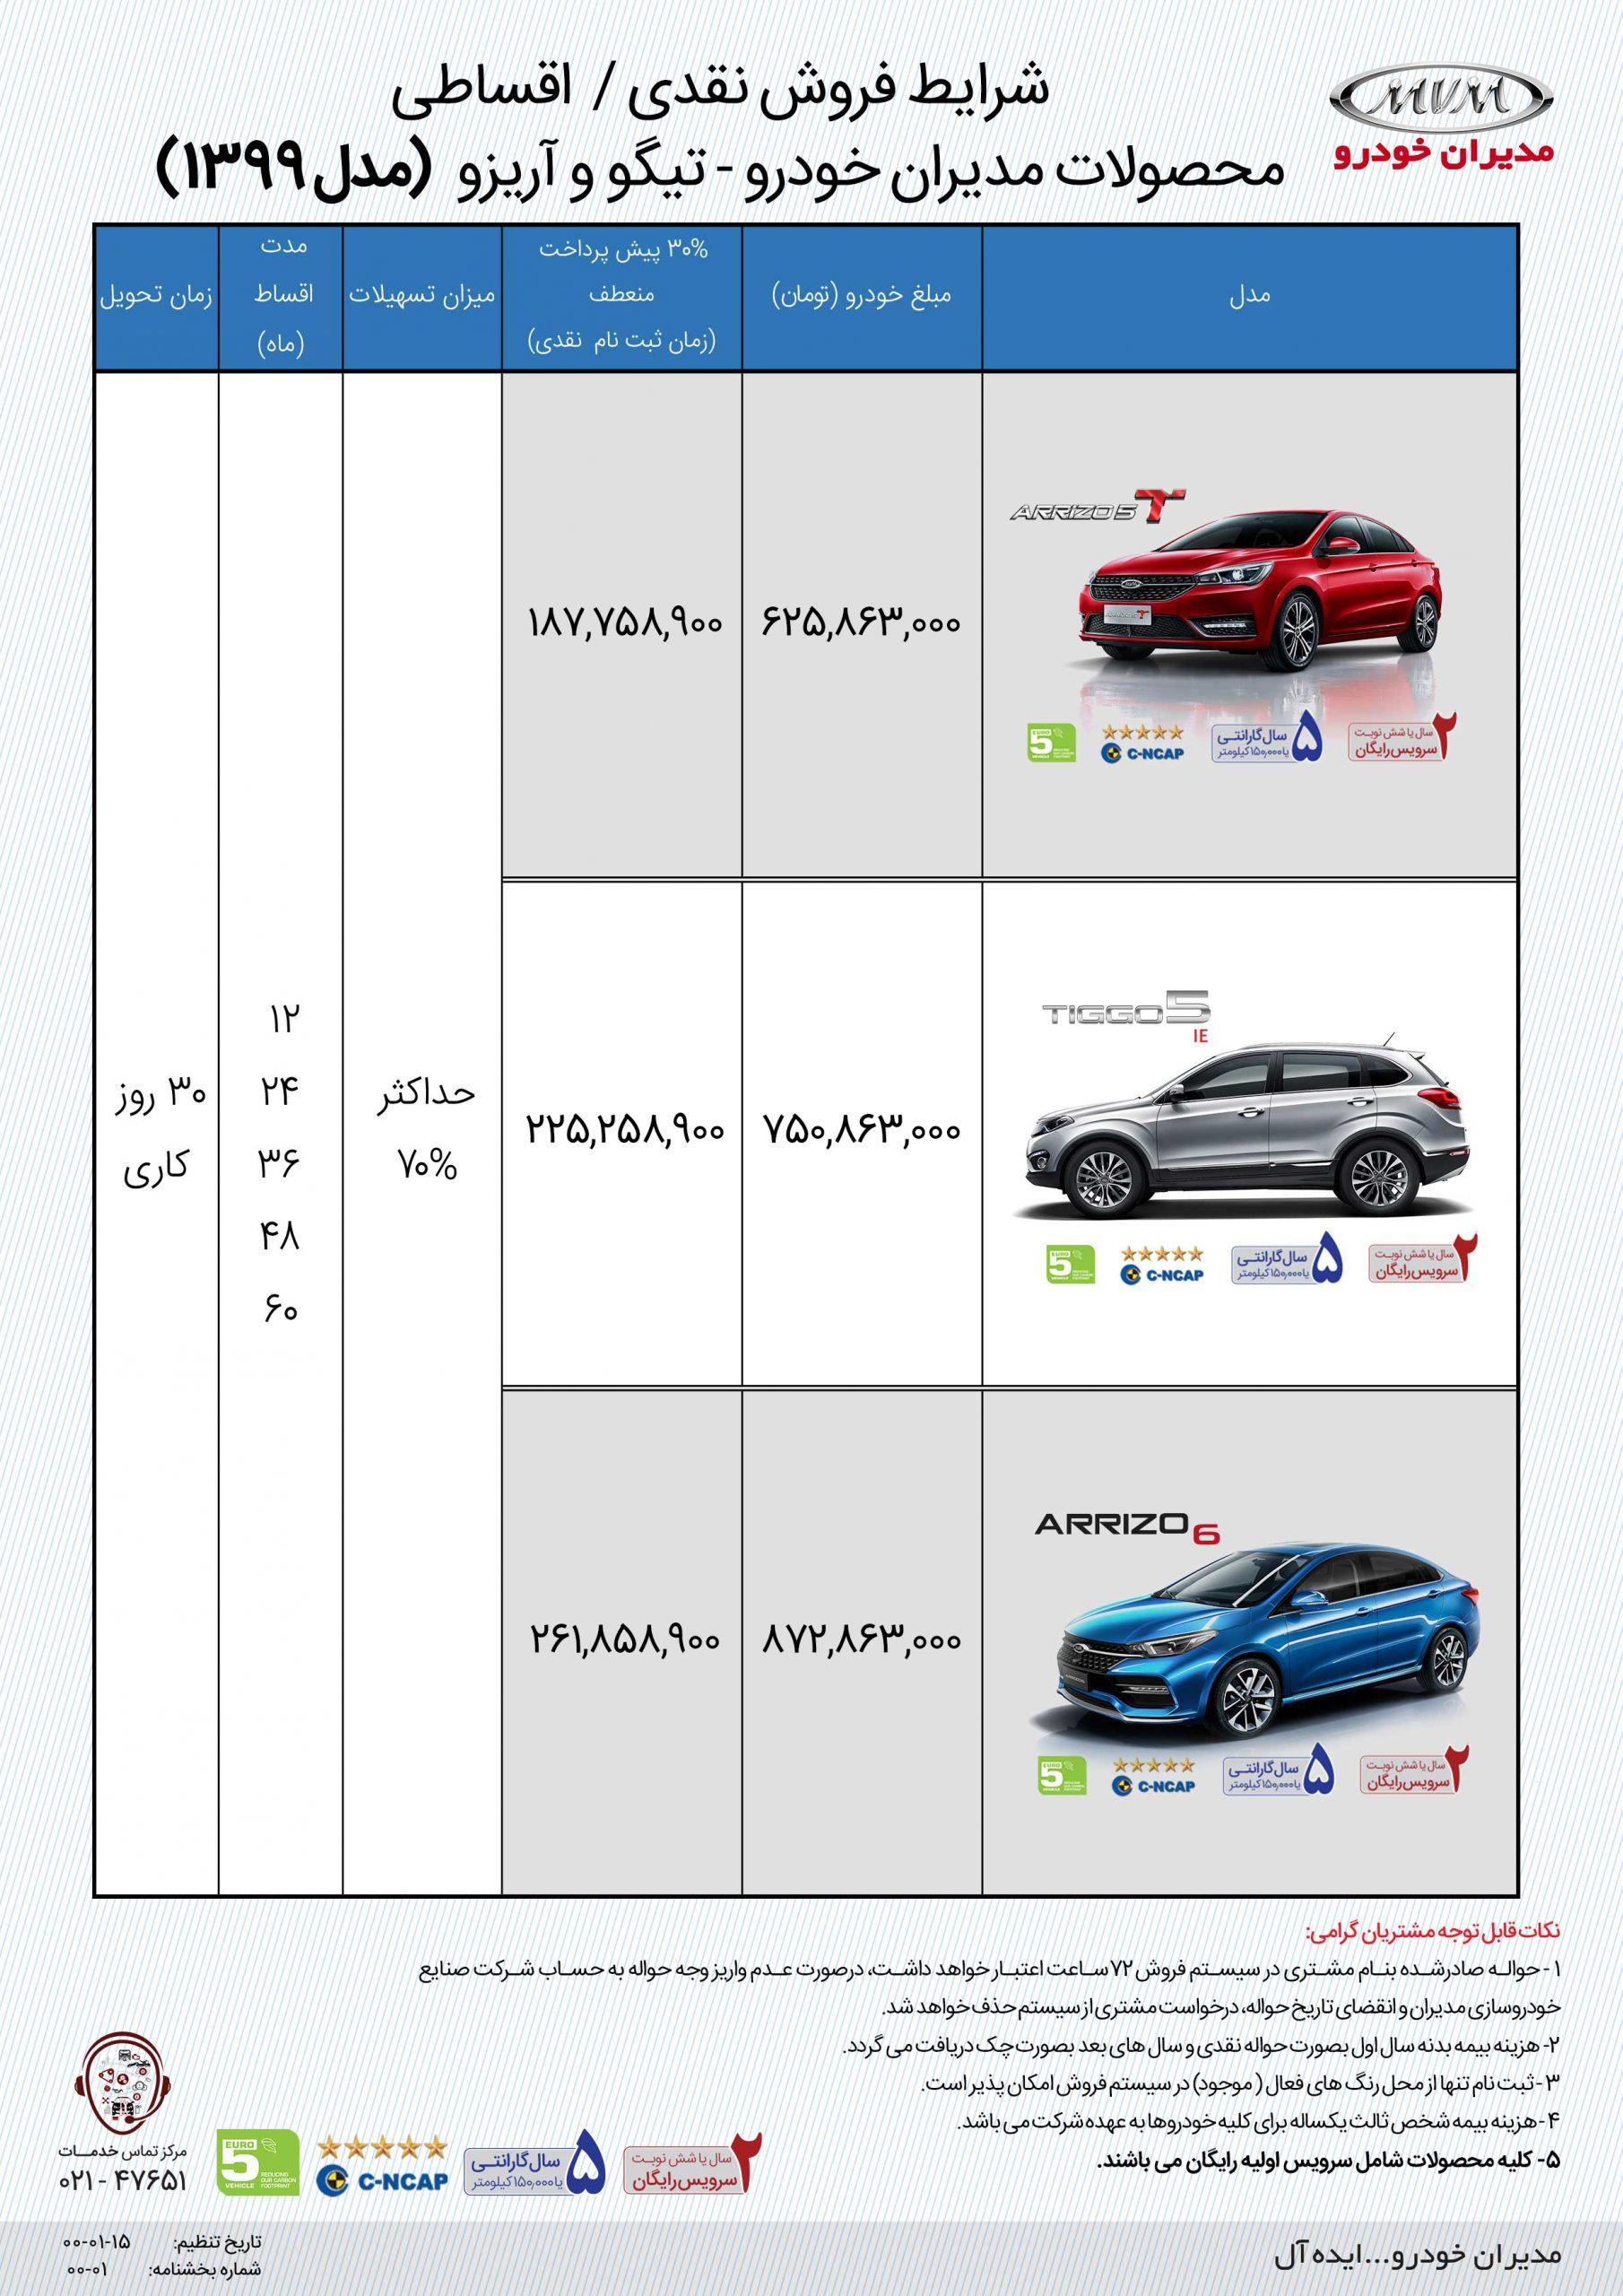 لیست قیمت شرایط فروش چری مدیران خودرو